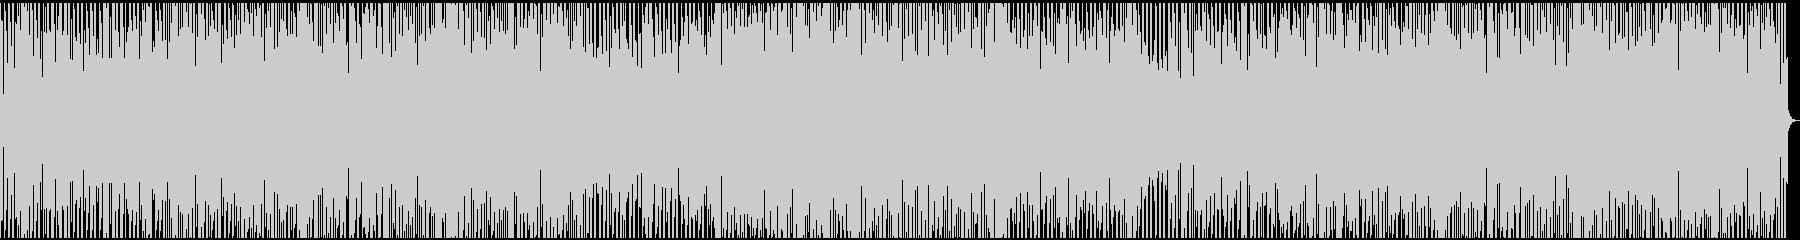 カントリーミュージックスタイルの面...の未再生の波形